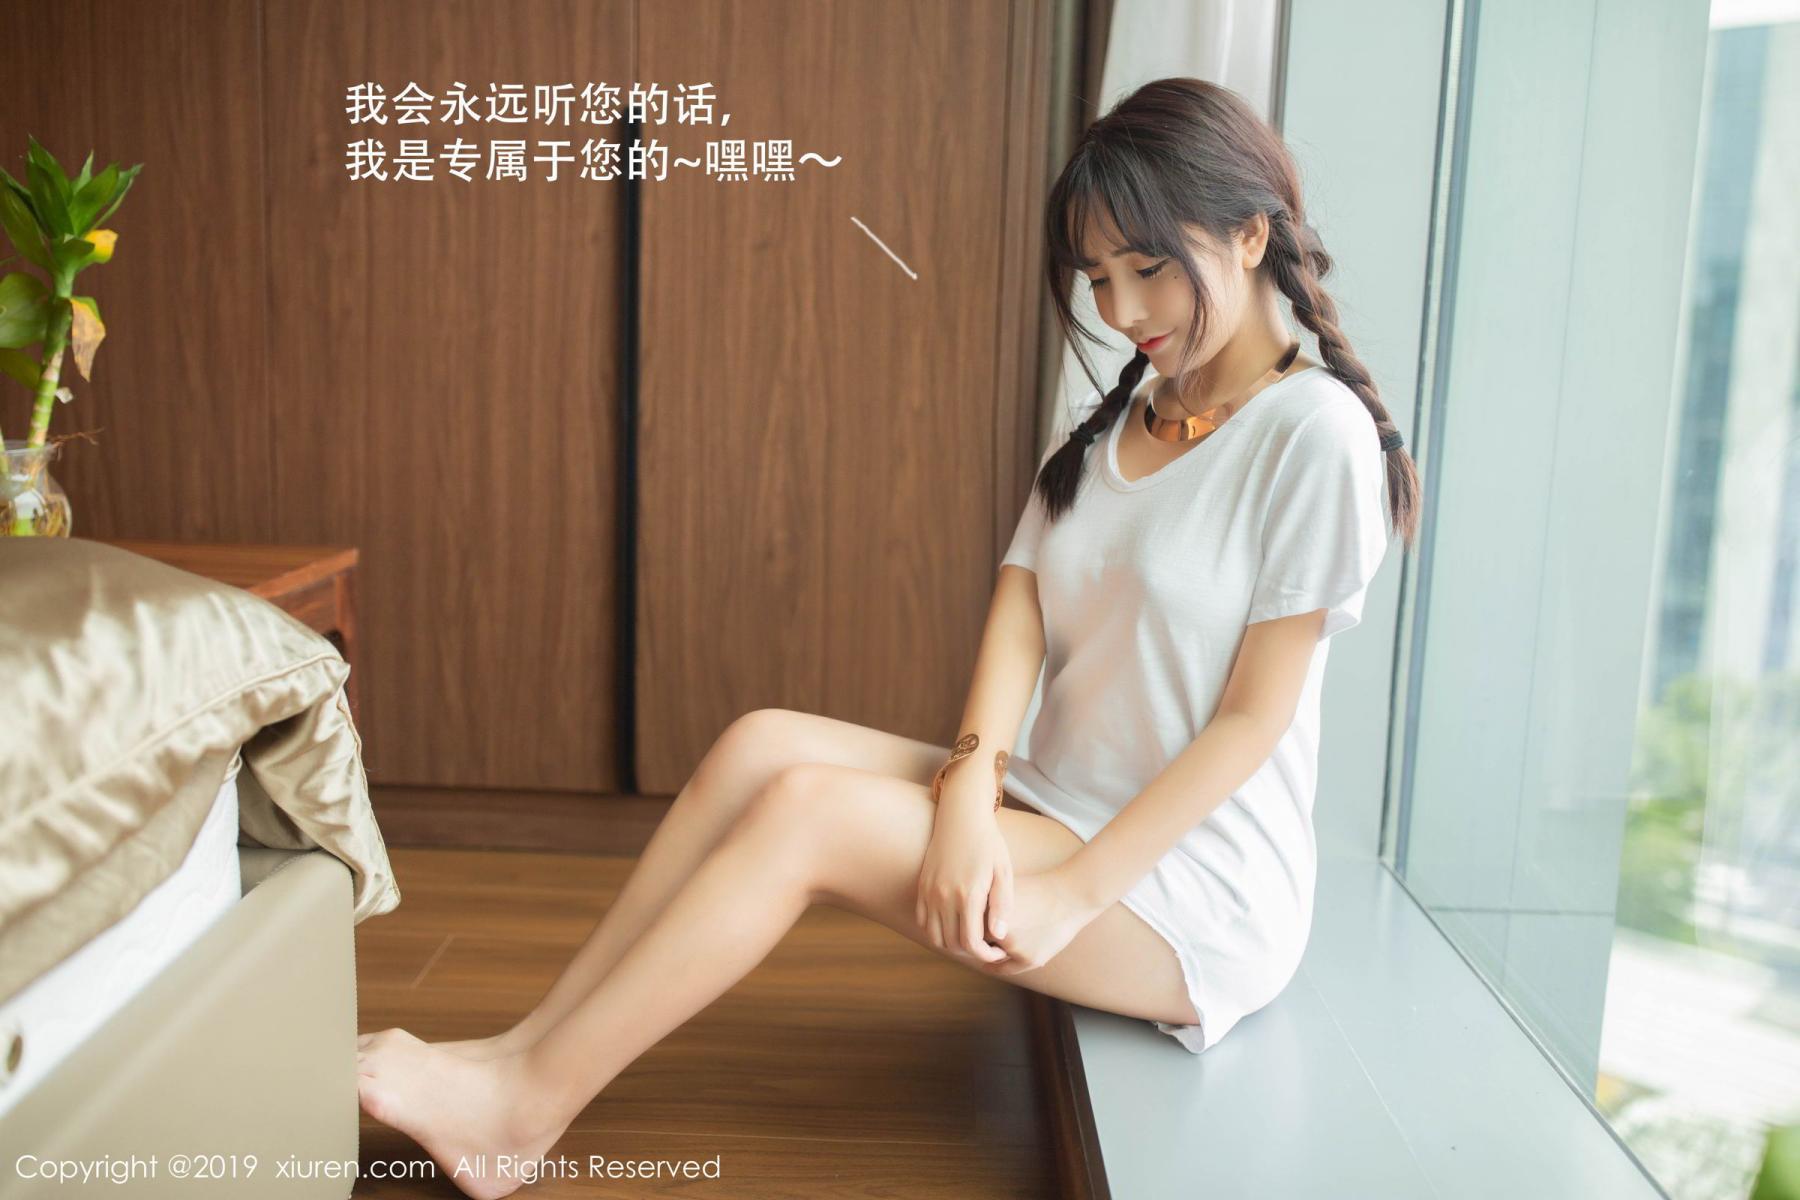 [XiuRen] Vol.1730 Tao Xi Le 22P, Adult, Tao Xi Le, Xiuren